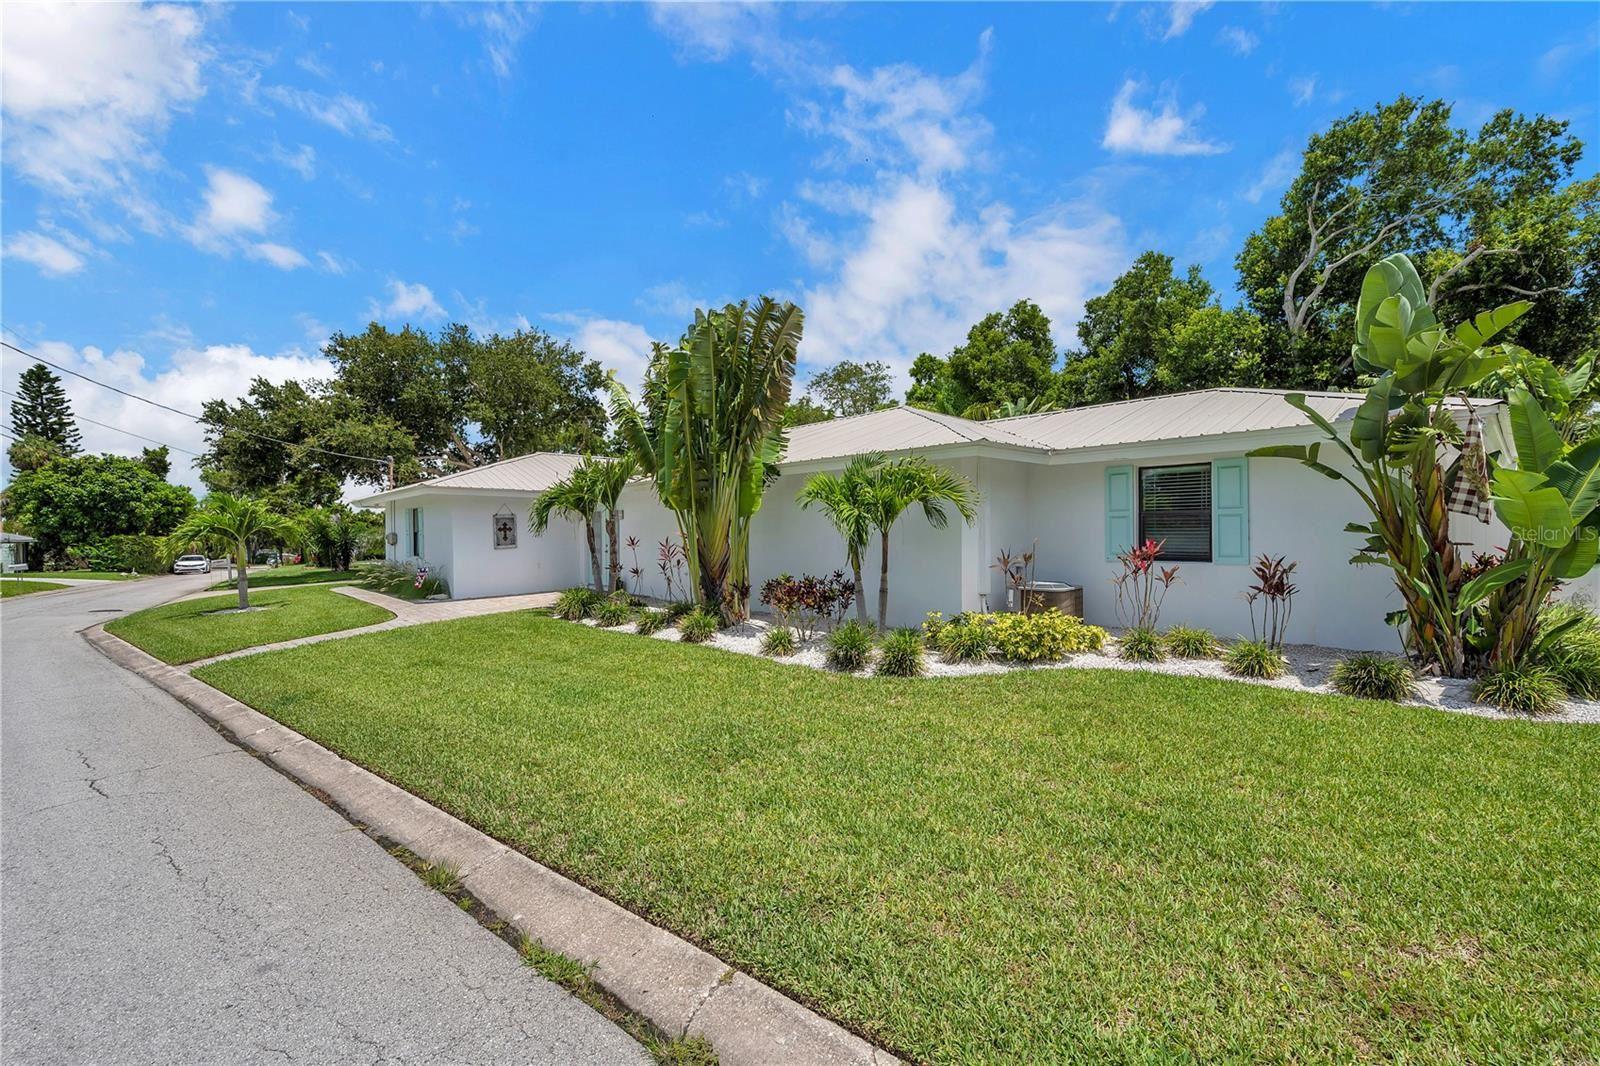 2300 SETON LANE, Largo, FL 33774 - #: U8131176